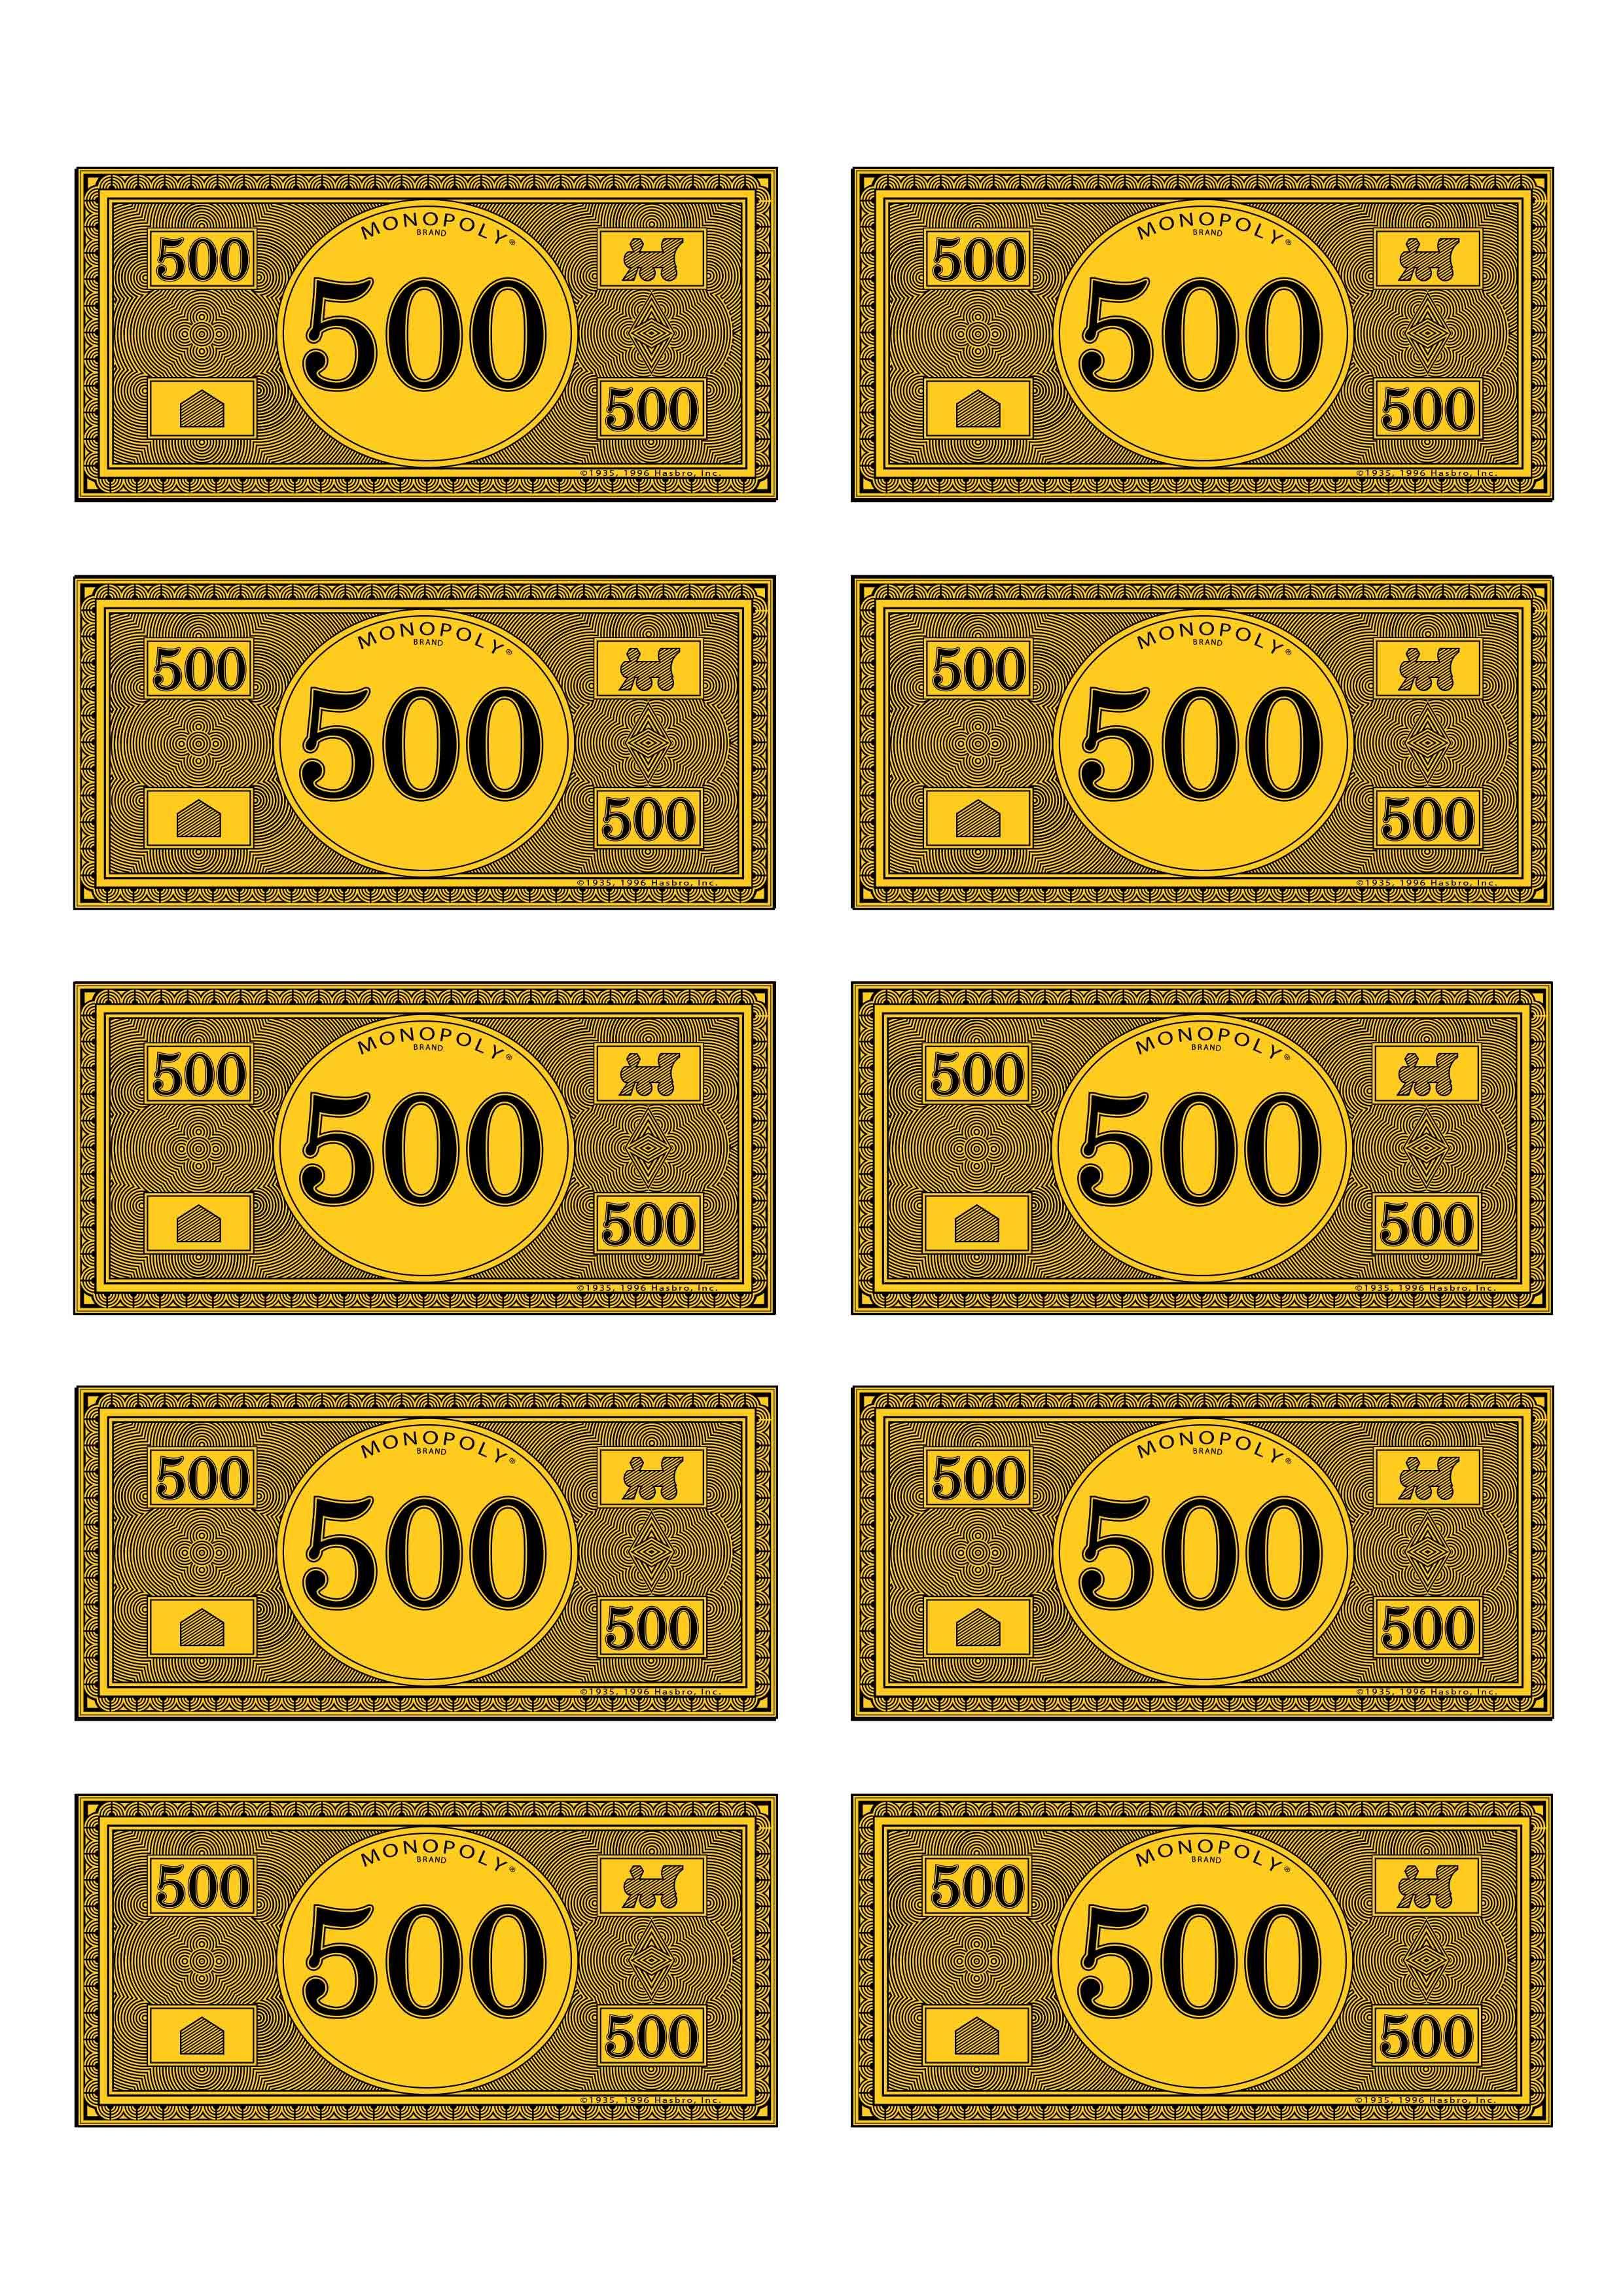 Monopoly Money 500